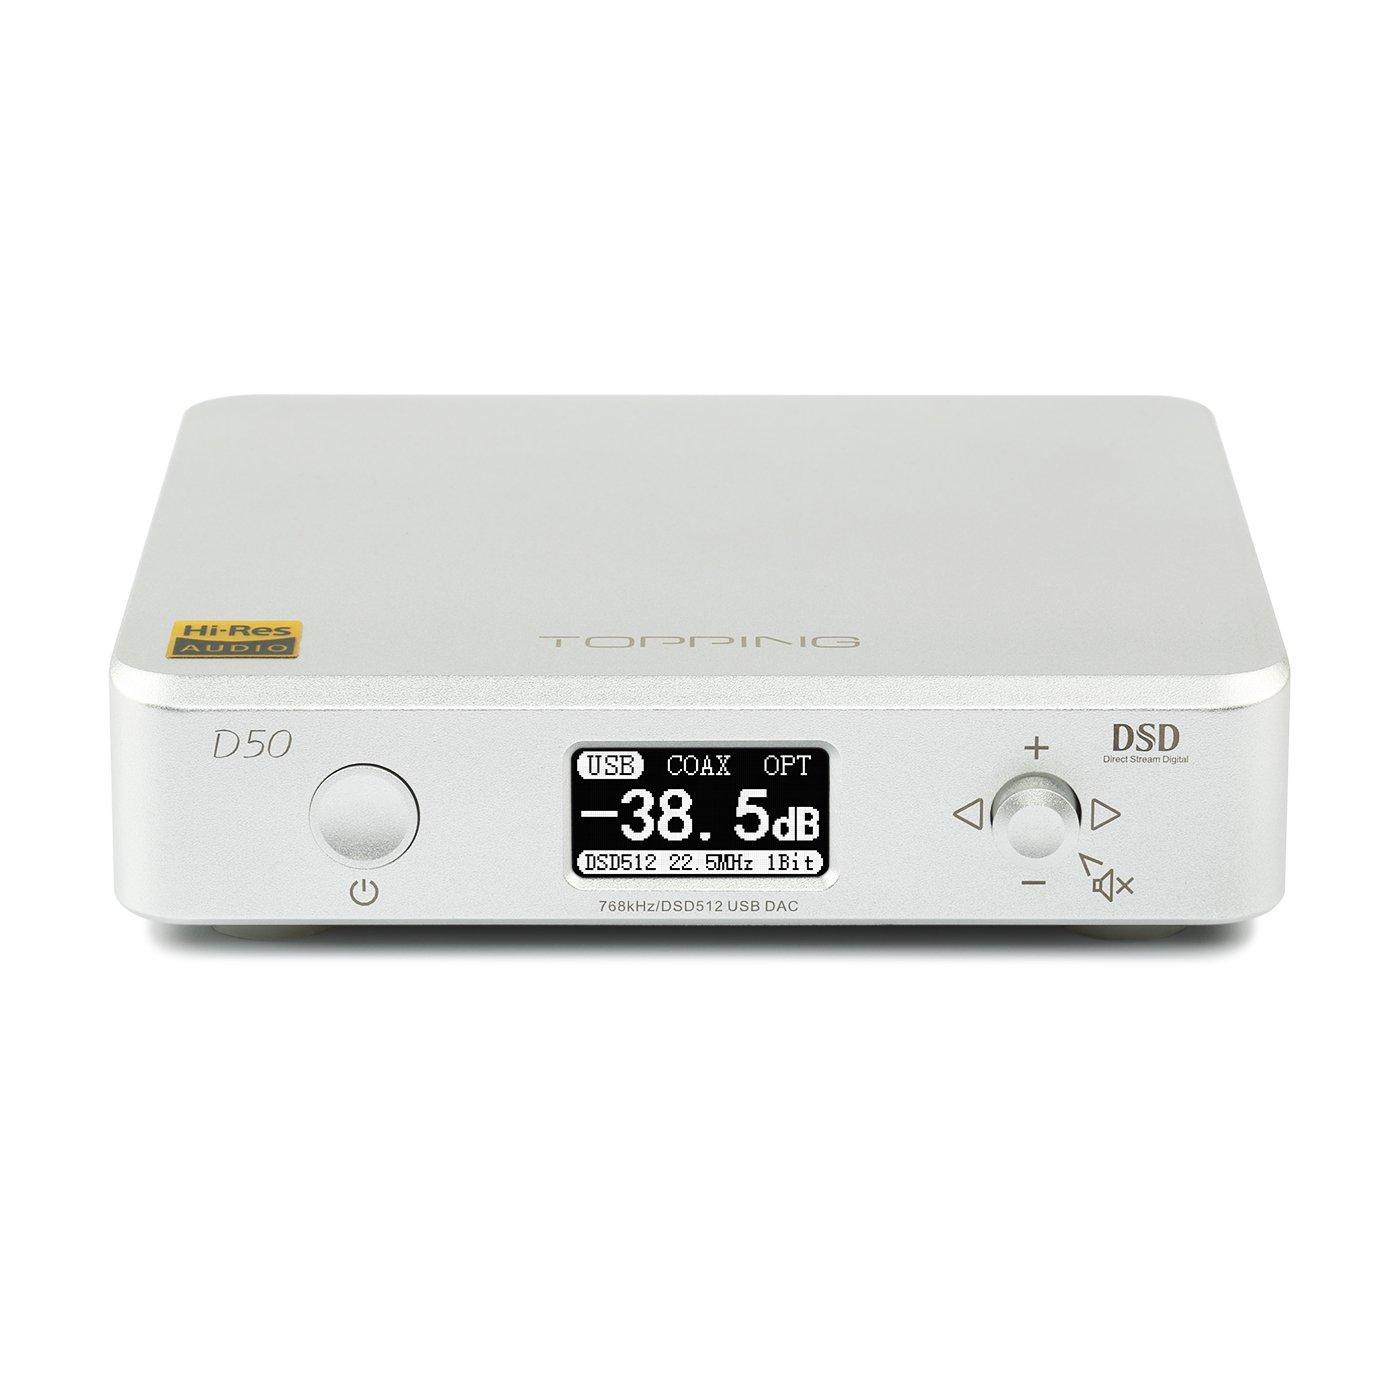 Topping D50 Mini HiFi Audio Decoding ES9038Q2M2 USB DAC XMOS XU208 DSD512 32Bit/768Khz OPA1612 USB/Opt/Coax Input